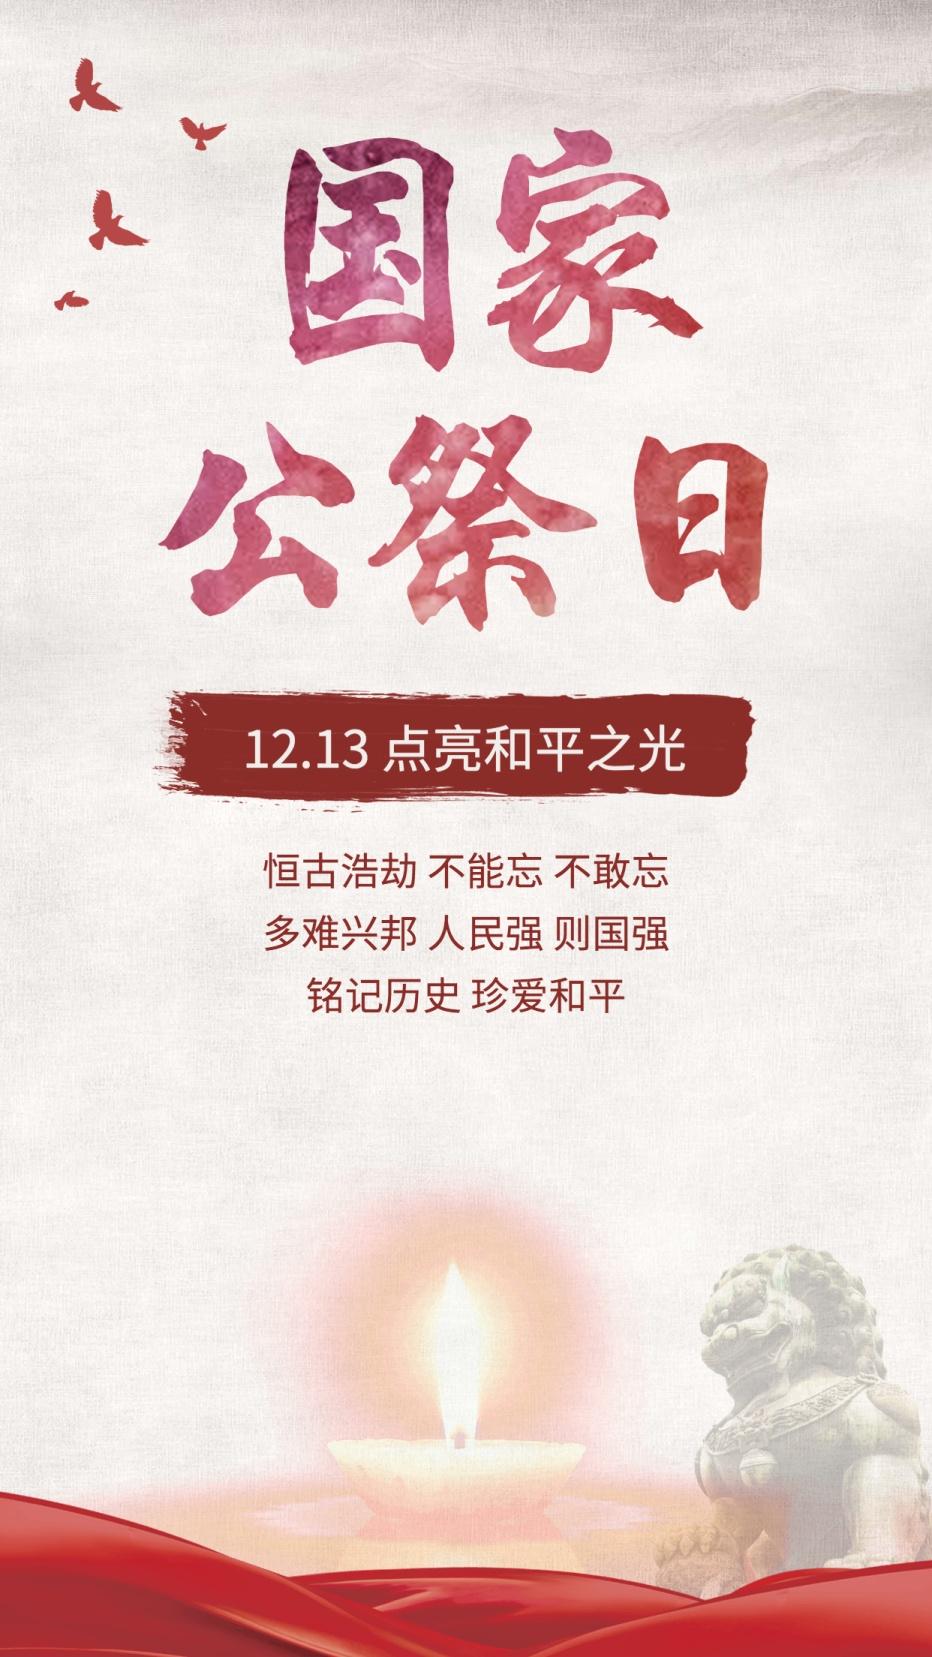 国家公祭日南京大屠杀纪念日党政手机海报